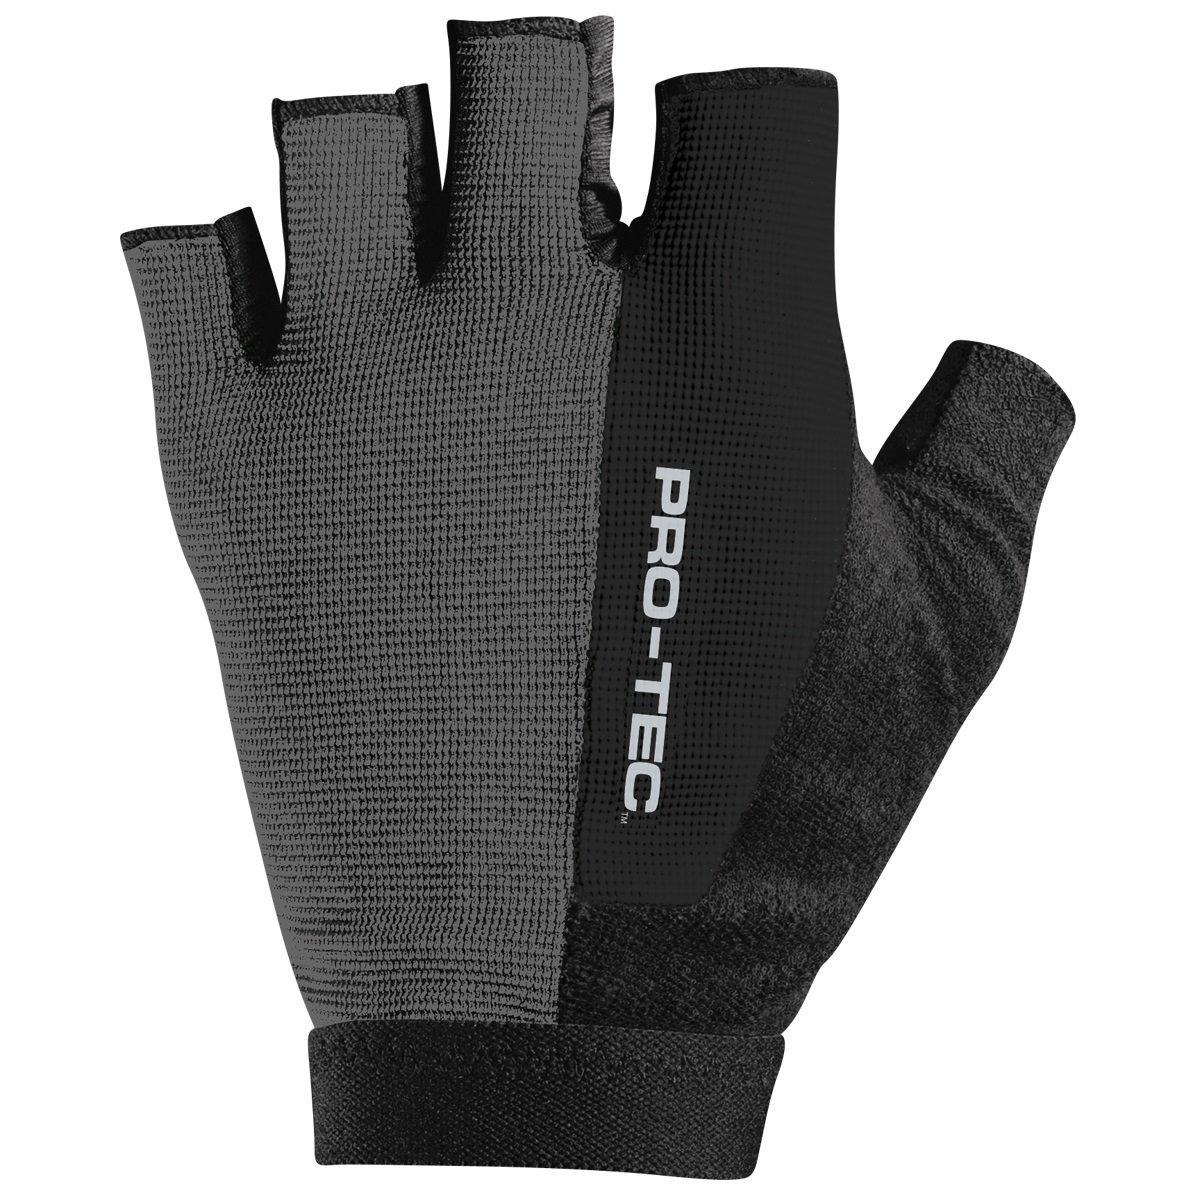 Pro Tec Lo-5 Glove Black Gants VTT, Roller Mixte Pro-tec